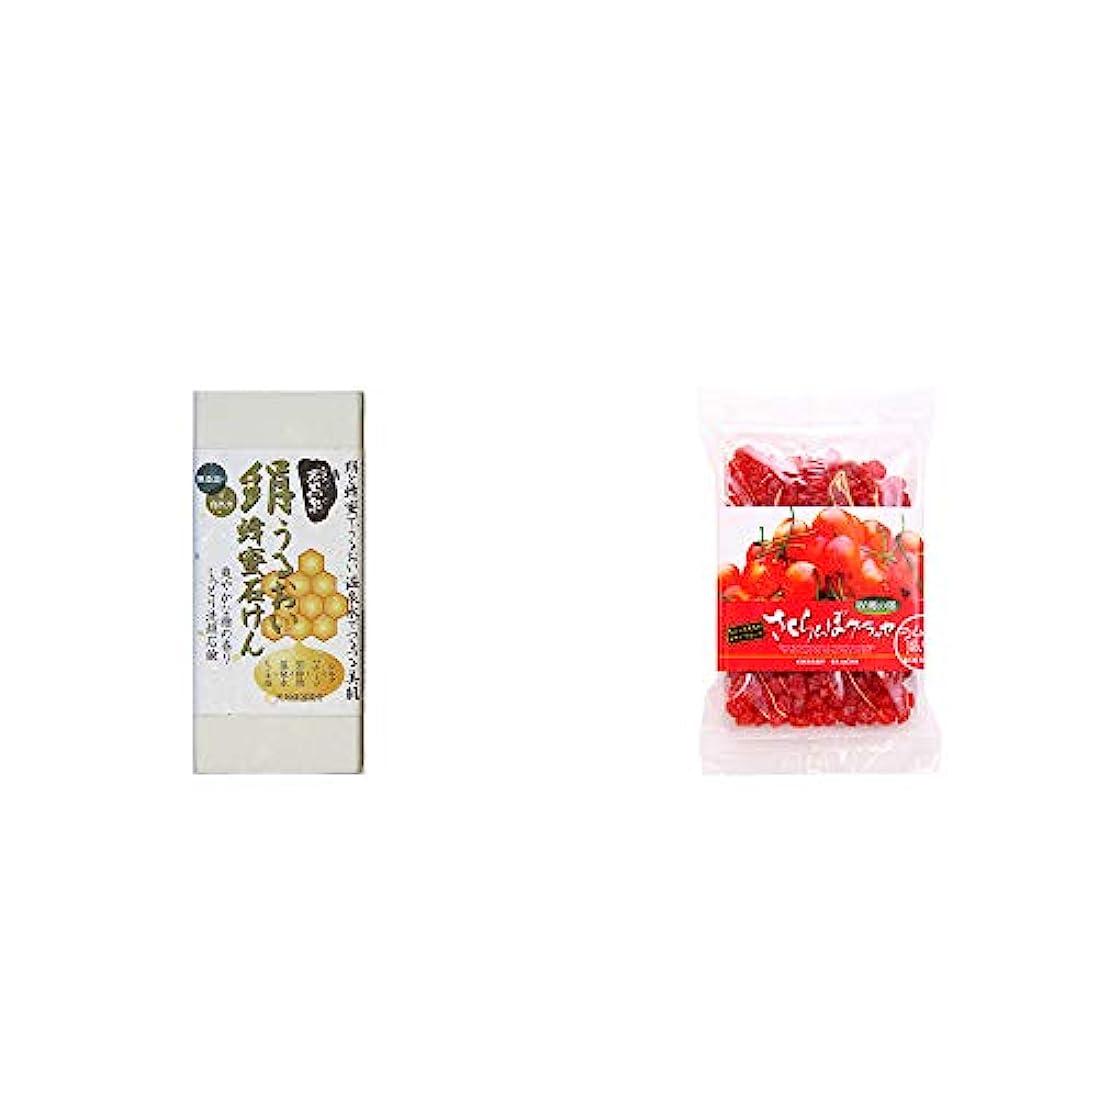 バクテリアシガレット曲[2点セット] ひのき炭黒泉 絹うるおい蜂蜜石けん(75g×2)?収穫の朝 さくらんぼグラッセ ラム酒風味(180g)